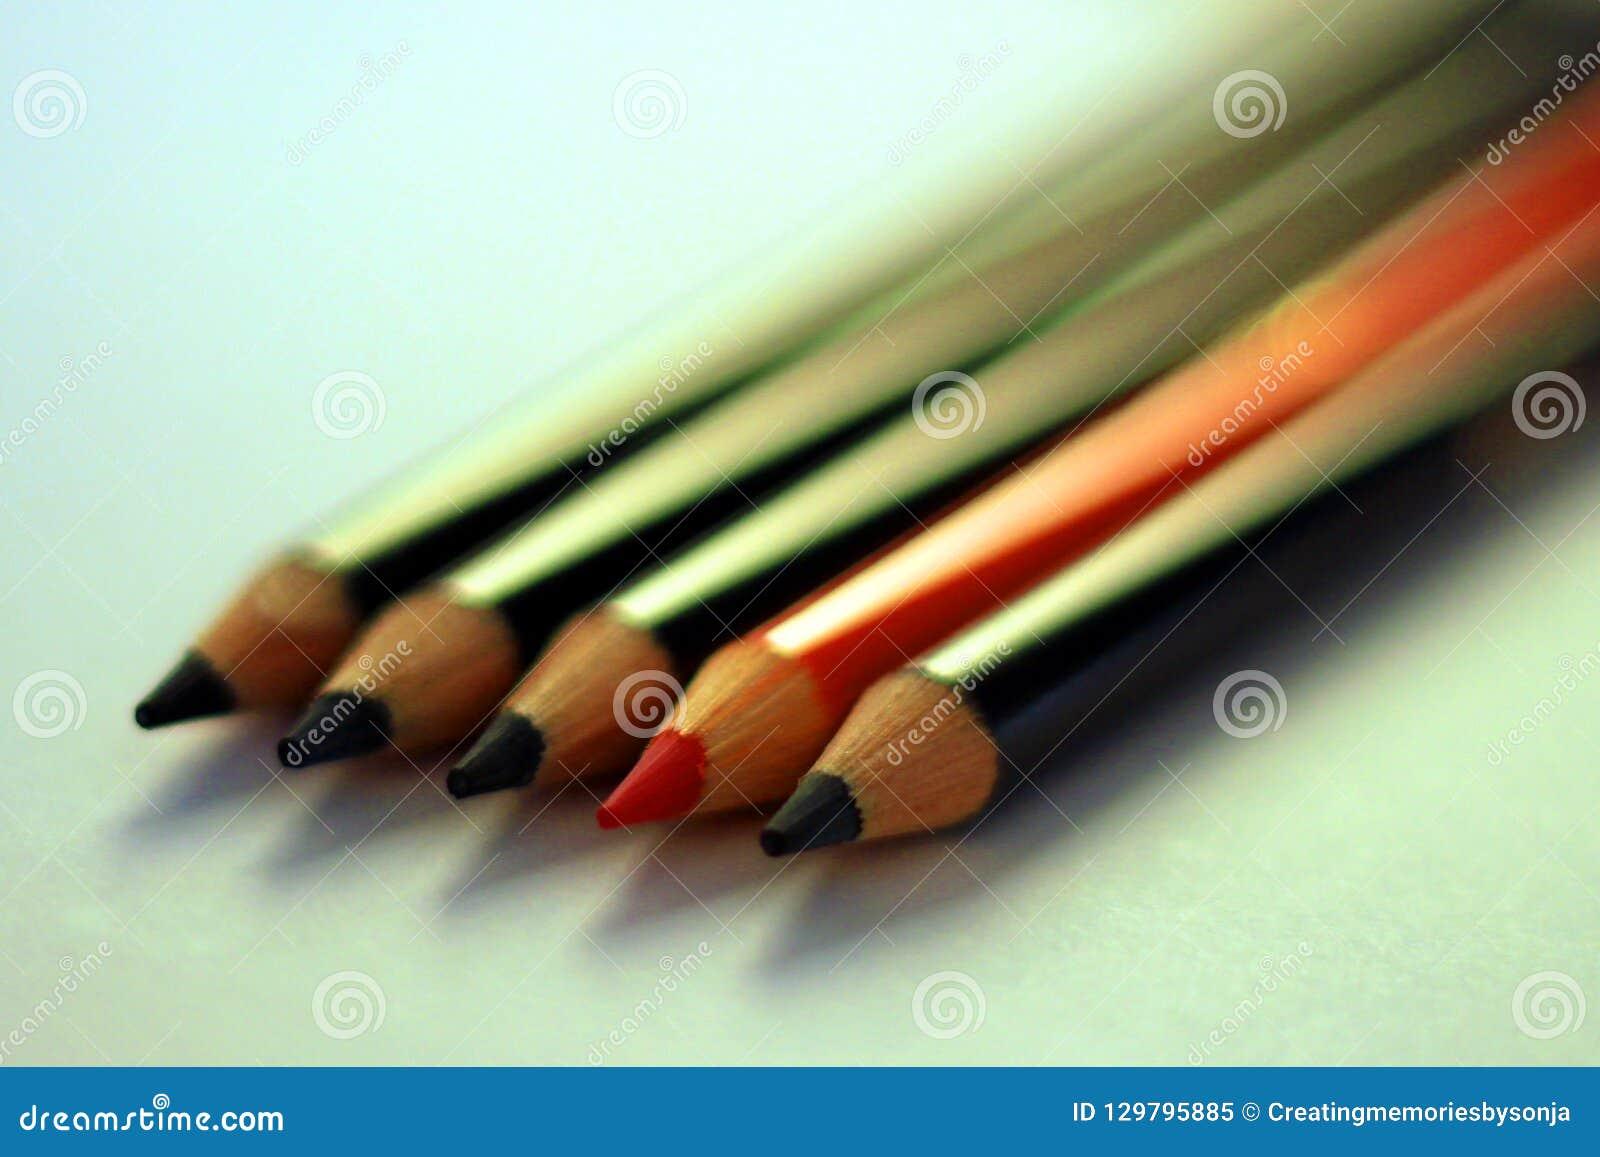 Deux crayons oranges entre les crayons noirs